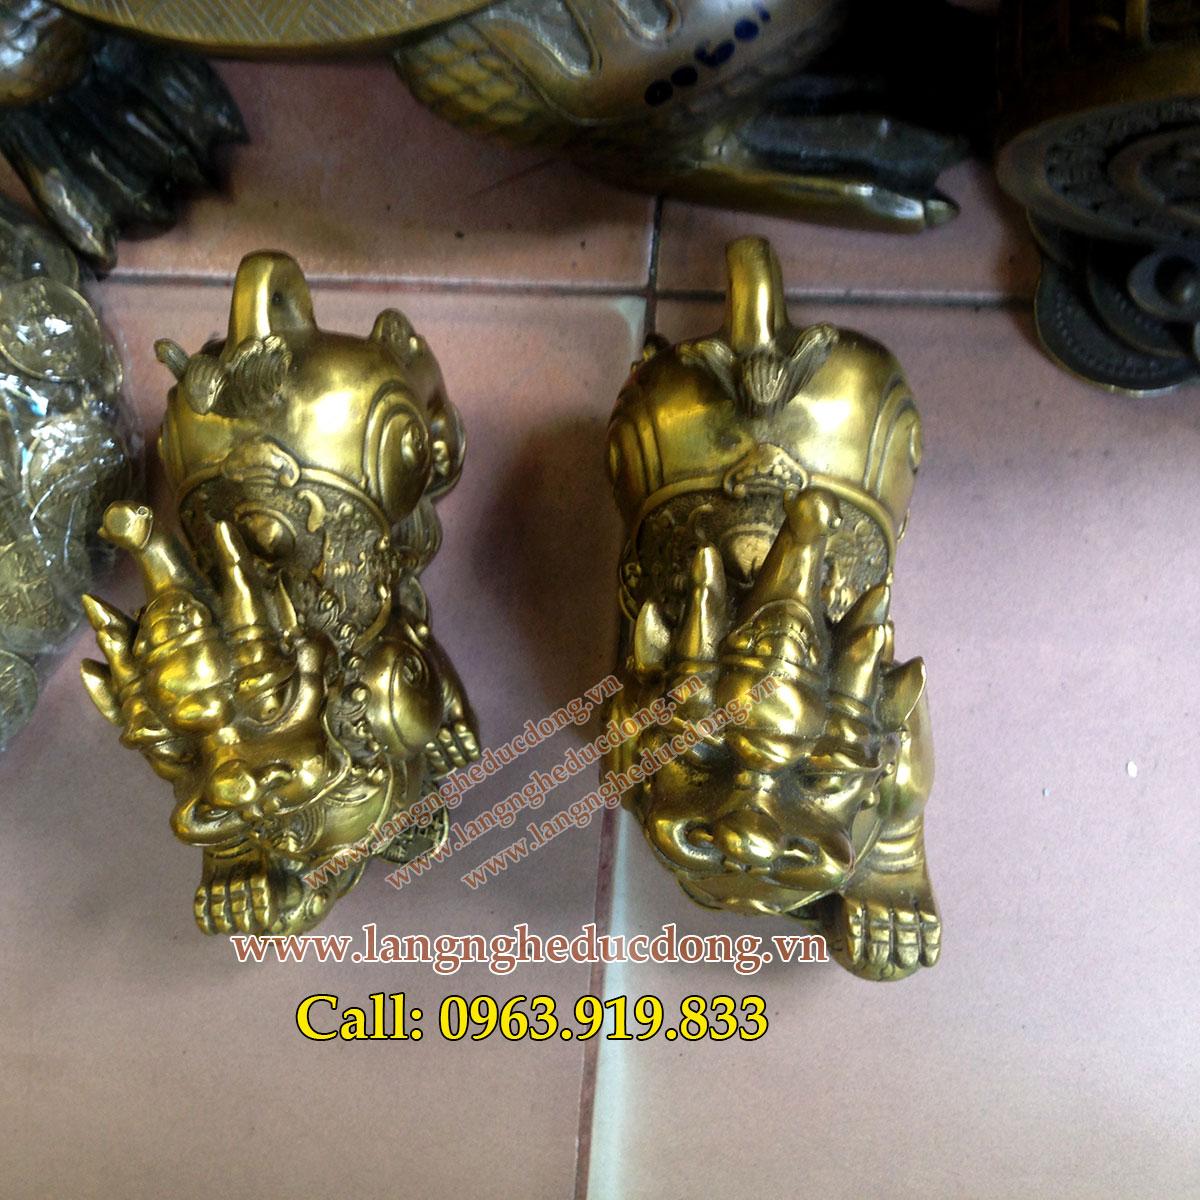 langngheducdong.vn - Tỳ hưu đồng, Cao 13cm, Tỳ hưu phong thủy bằng đồng